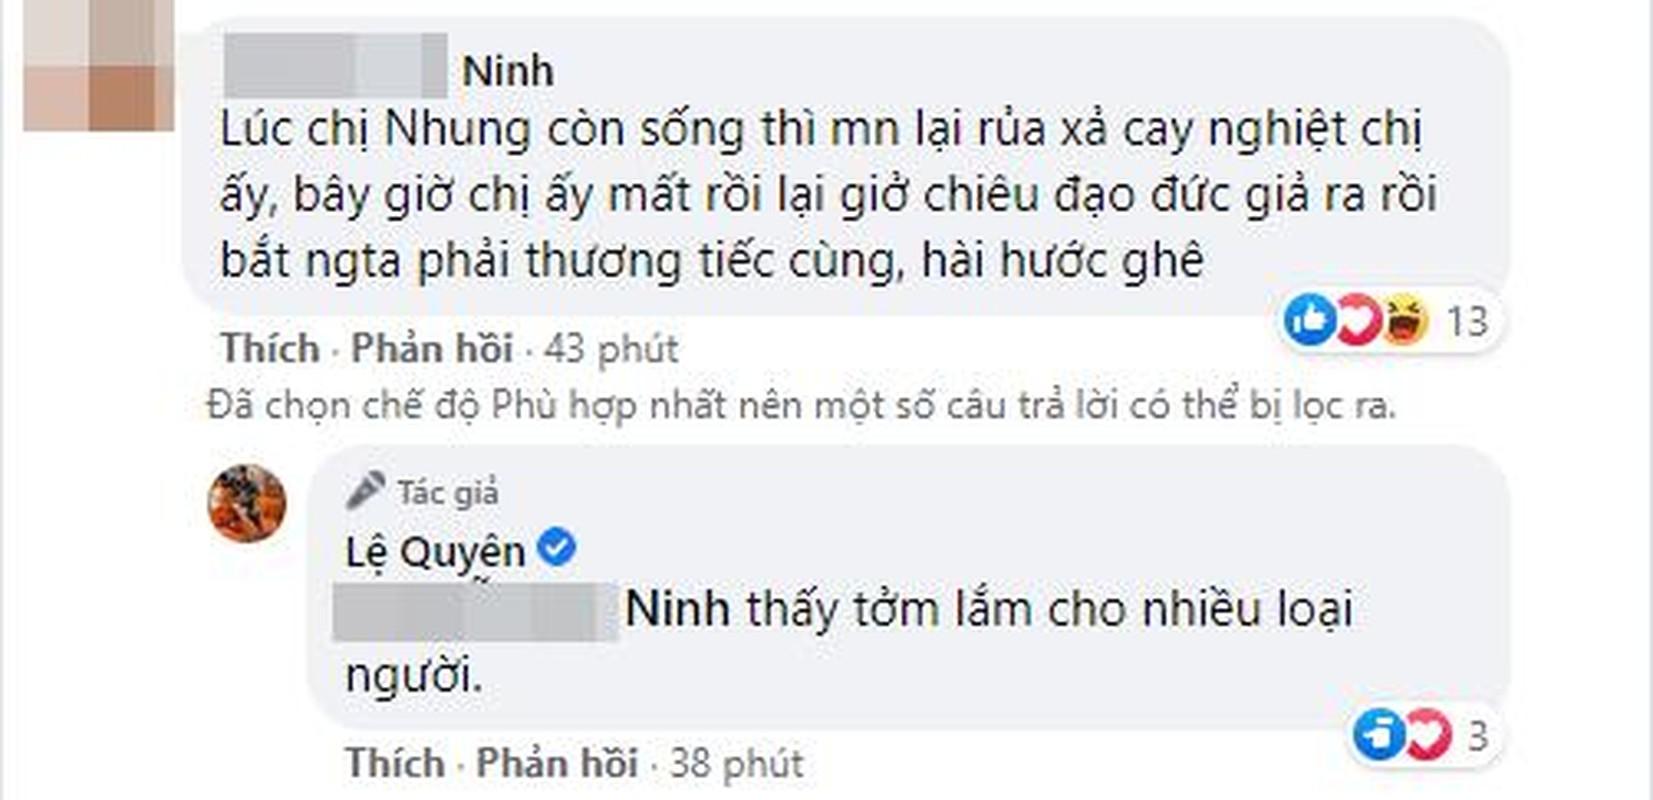 Tranh cai hanh dong cua Le Quyen ngay Phi Nhung qua doi-Hinh-8